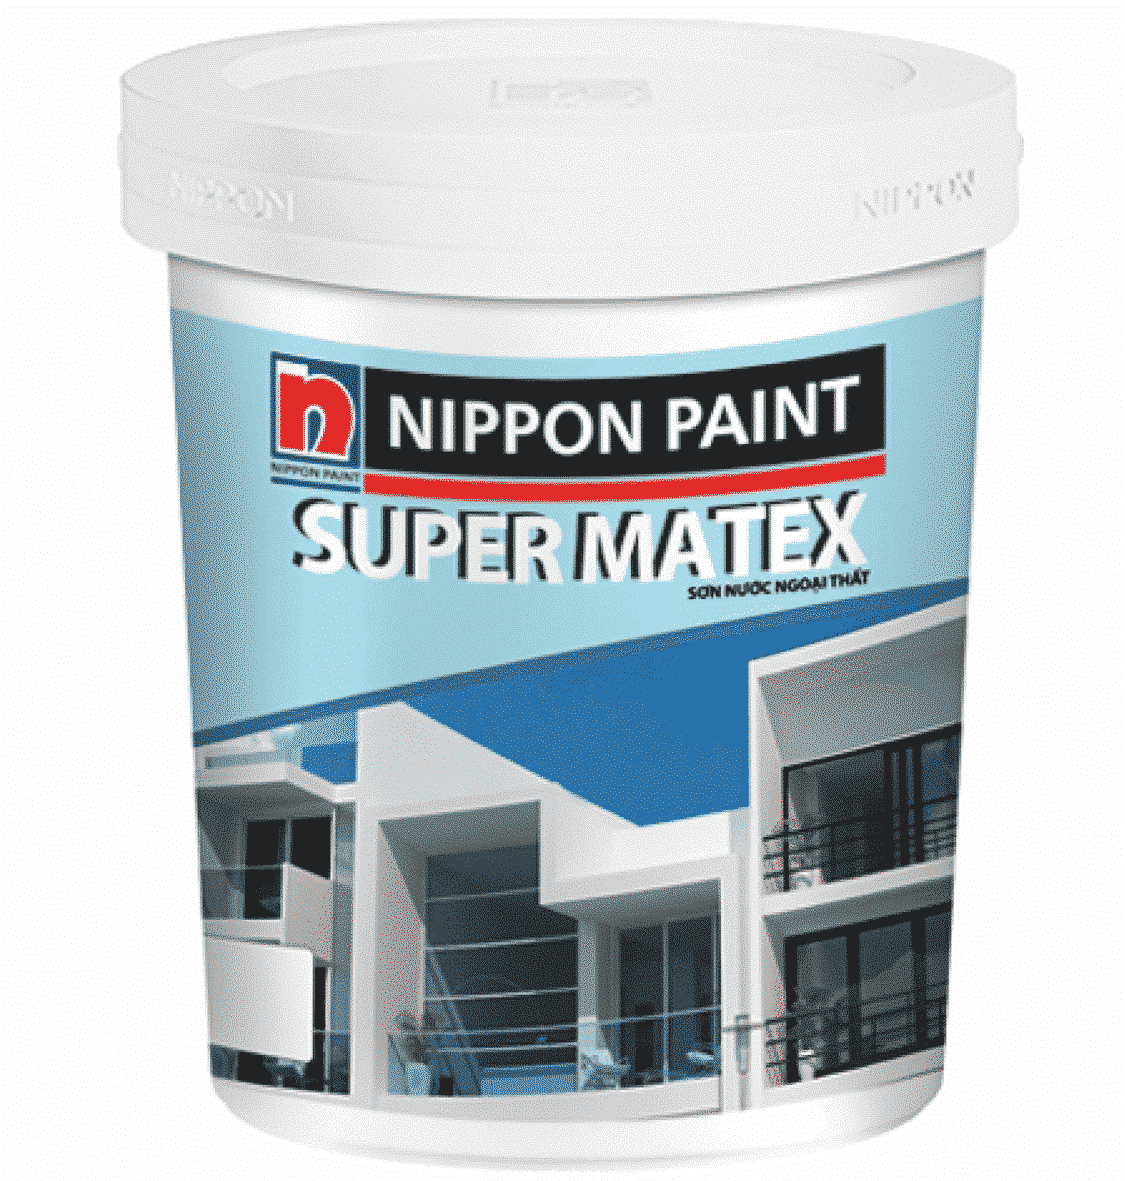 Hình ảnh sơn ngoại thất Super matex sealer